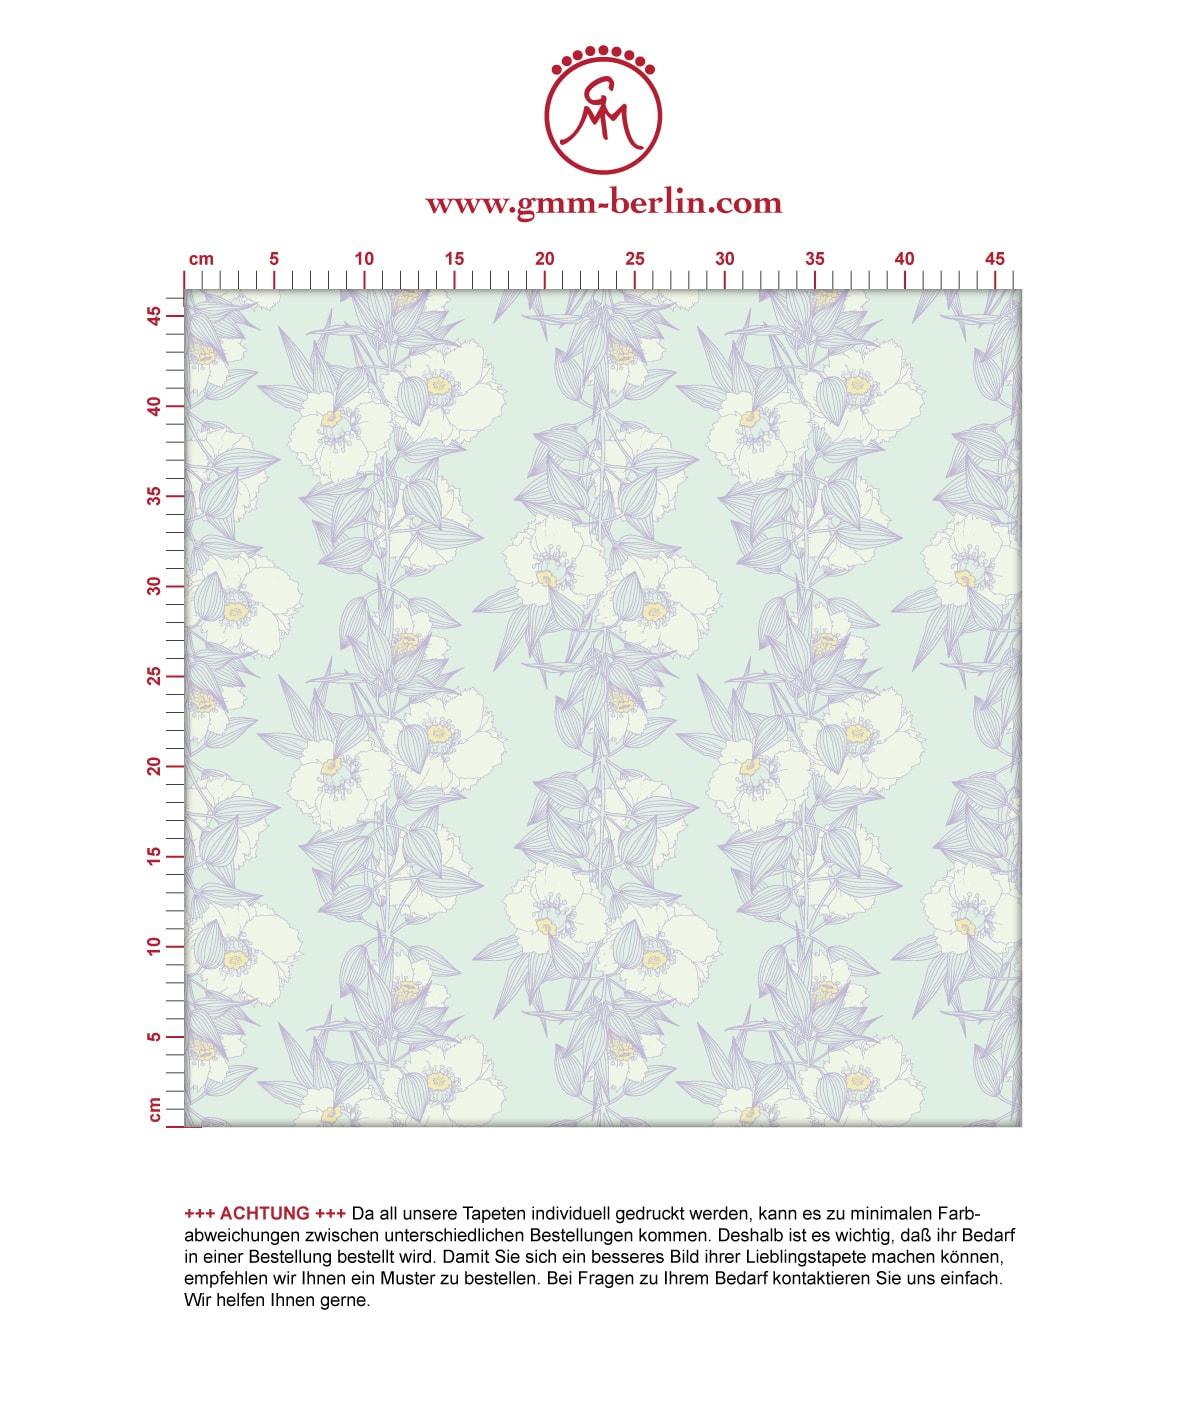 Flieder Blumentapete Garten Eden Blüten Ranken, Design Tapete als Wandgestaltung. Aus dem GMM-BERLIN.com Sortiment: Schöne Tapeten in der Farbe: hellblau